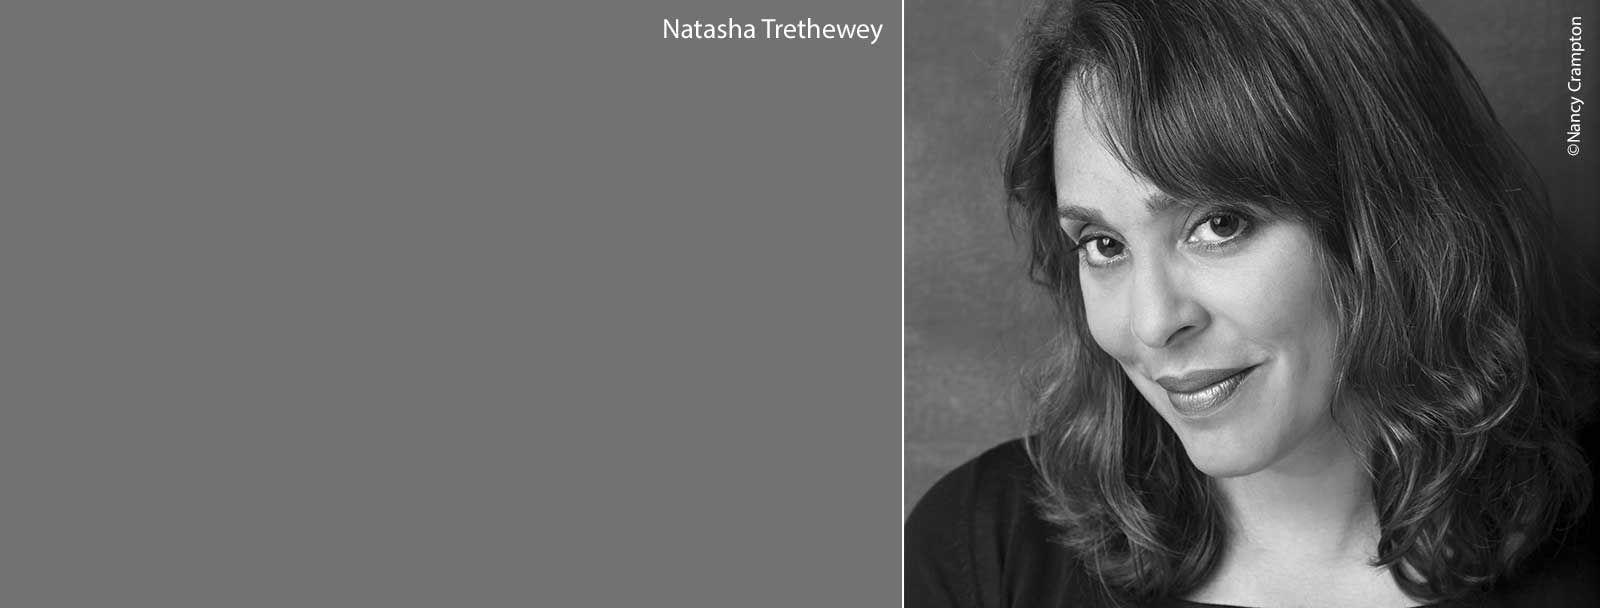 Poet Natasha Trethewey